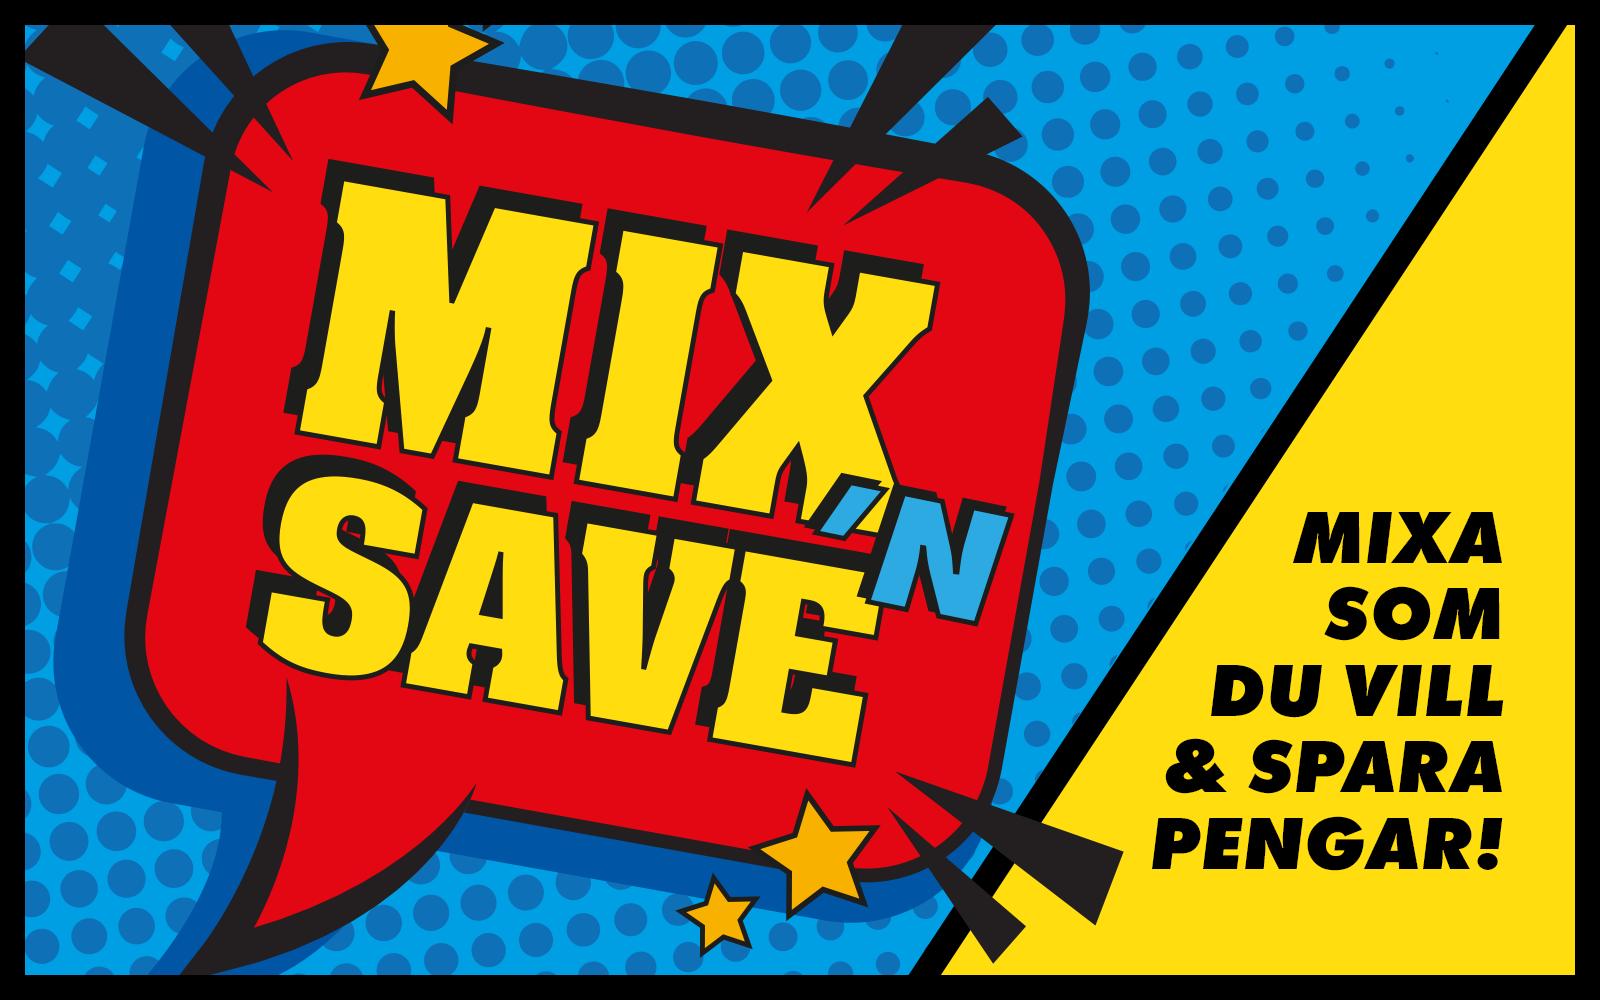 Mixa som du vill och spara pengar